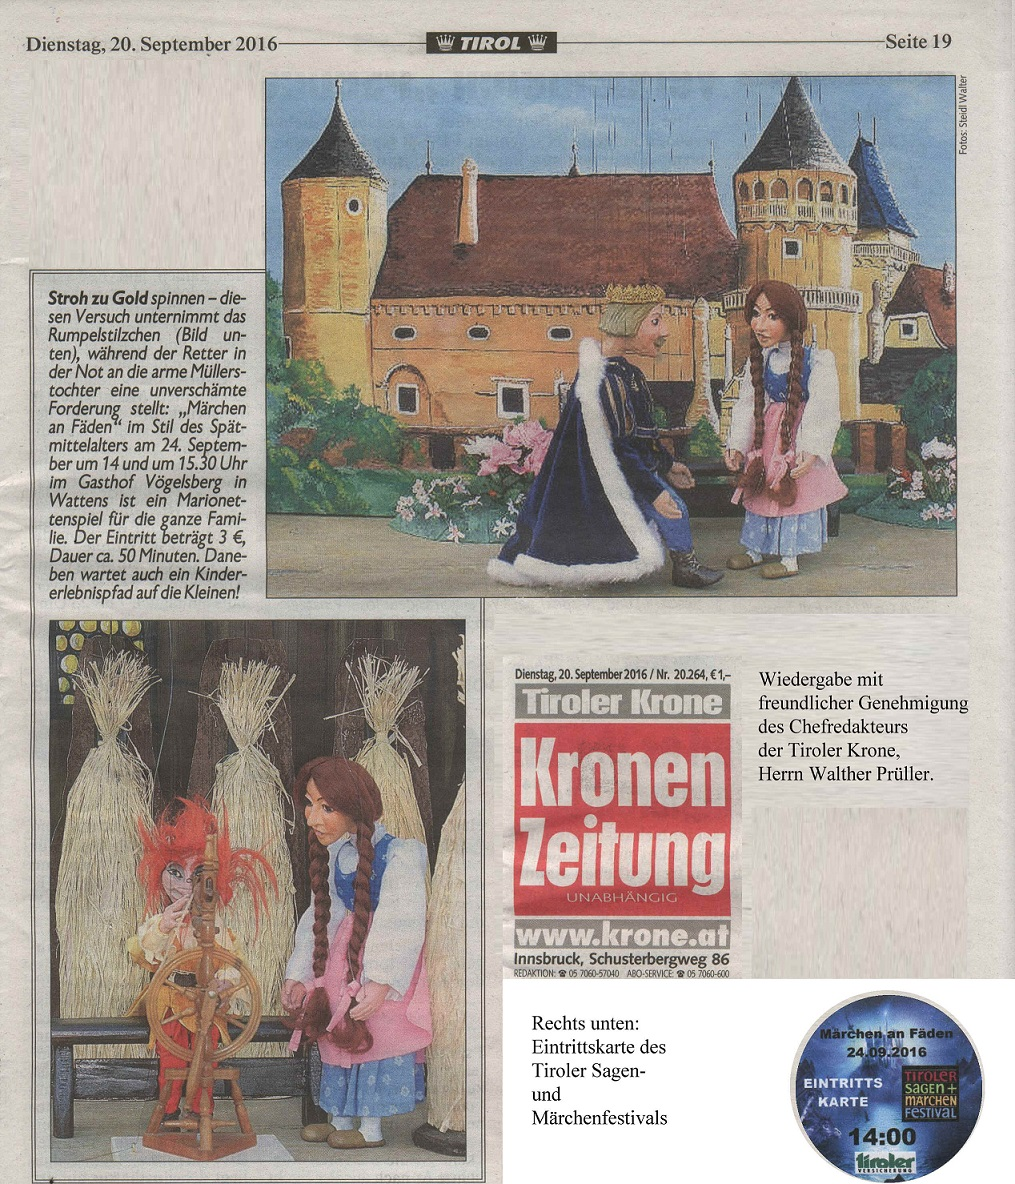 Großformatige Ankündigung in der Tiroler Krone vom 20.09.2016 - Wiedergabe mit freundlicher Genehmigung von Herrn Chefredakteur Walther Prüller.